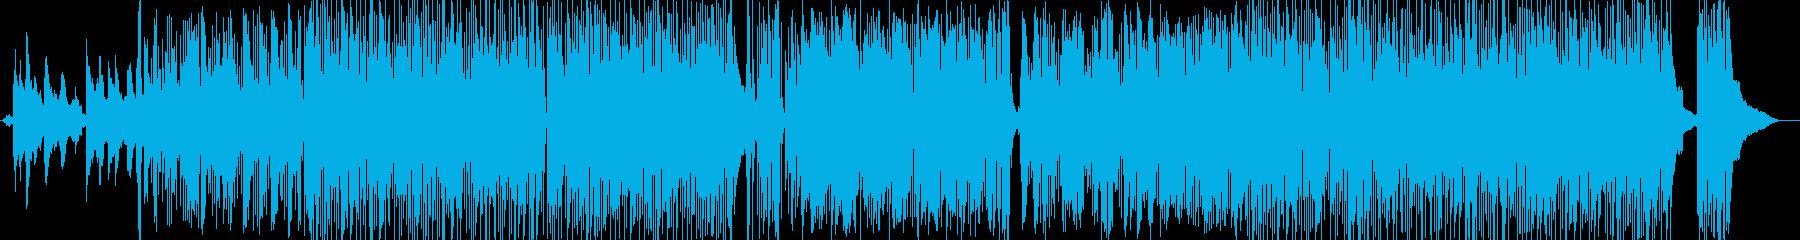 ラテン系 センチメンタル アクショ...の再生済みの波形